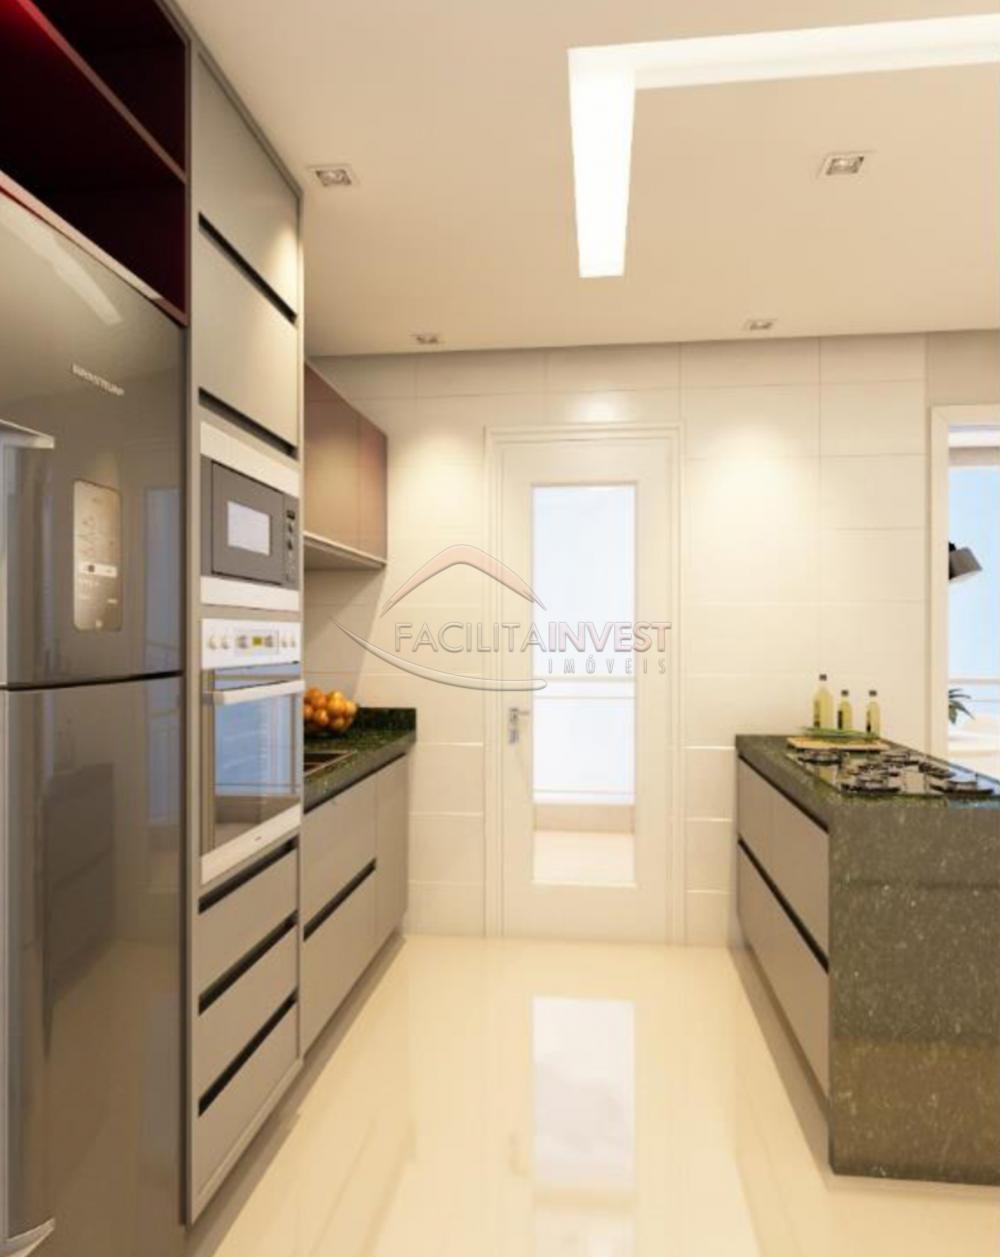 Comprar Lançamentos/ Empreendimentos em Construç / Apartamento padrão - Lançamento em Ribeirão Preto apenas R$ 554.488,00 - Foto 2